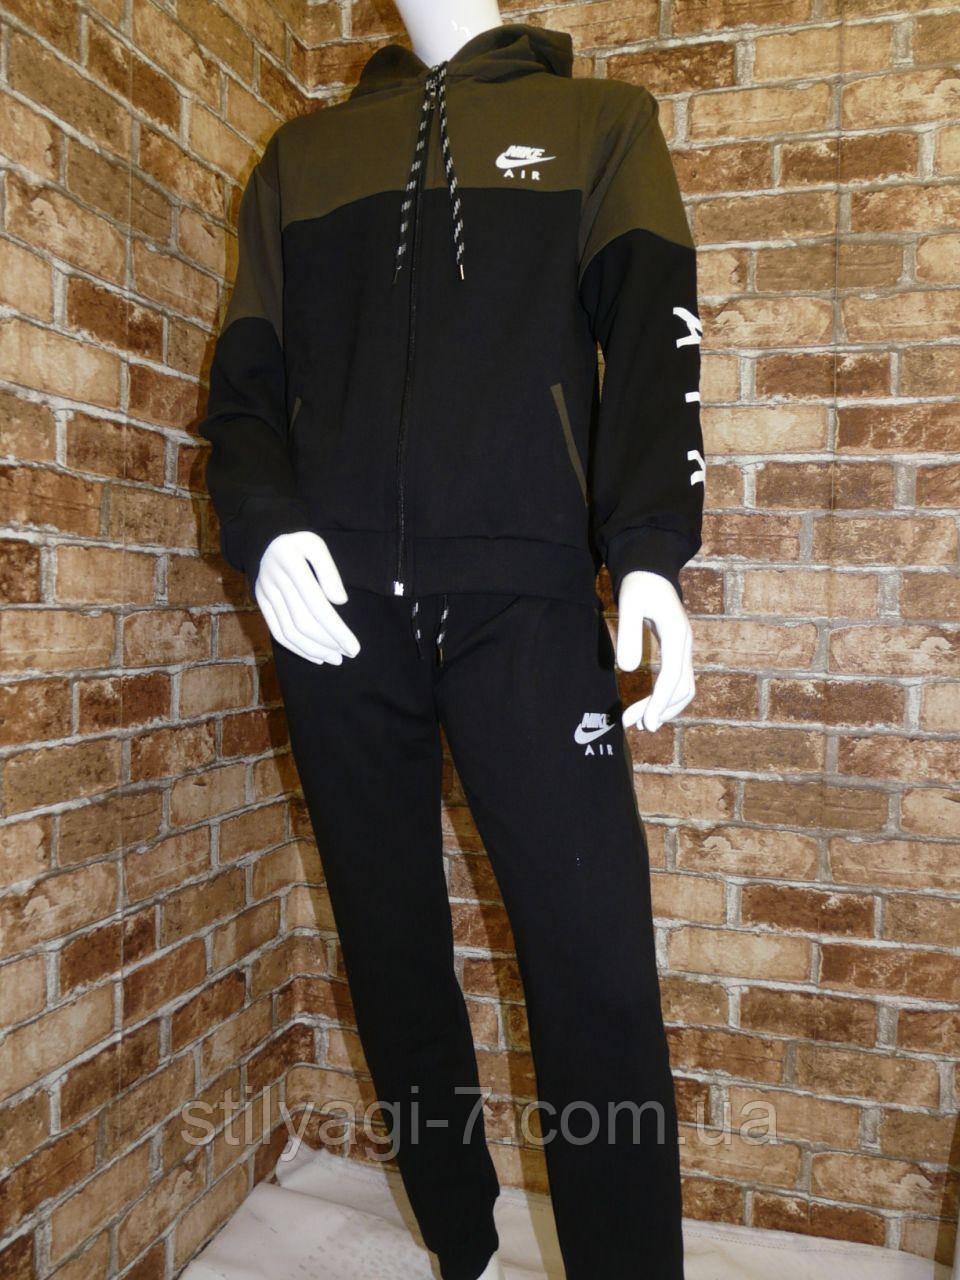 Спортивный костюм для мальчика 13-16 лет хаки с черным цвета на змейке с капюшоном Nike оптом